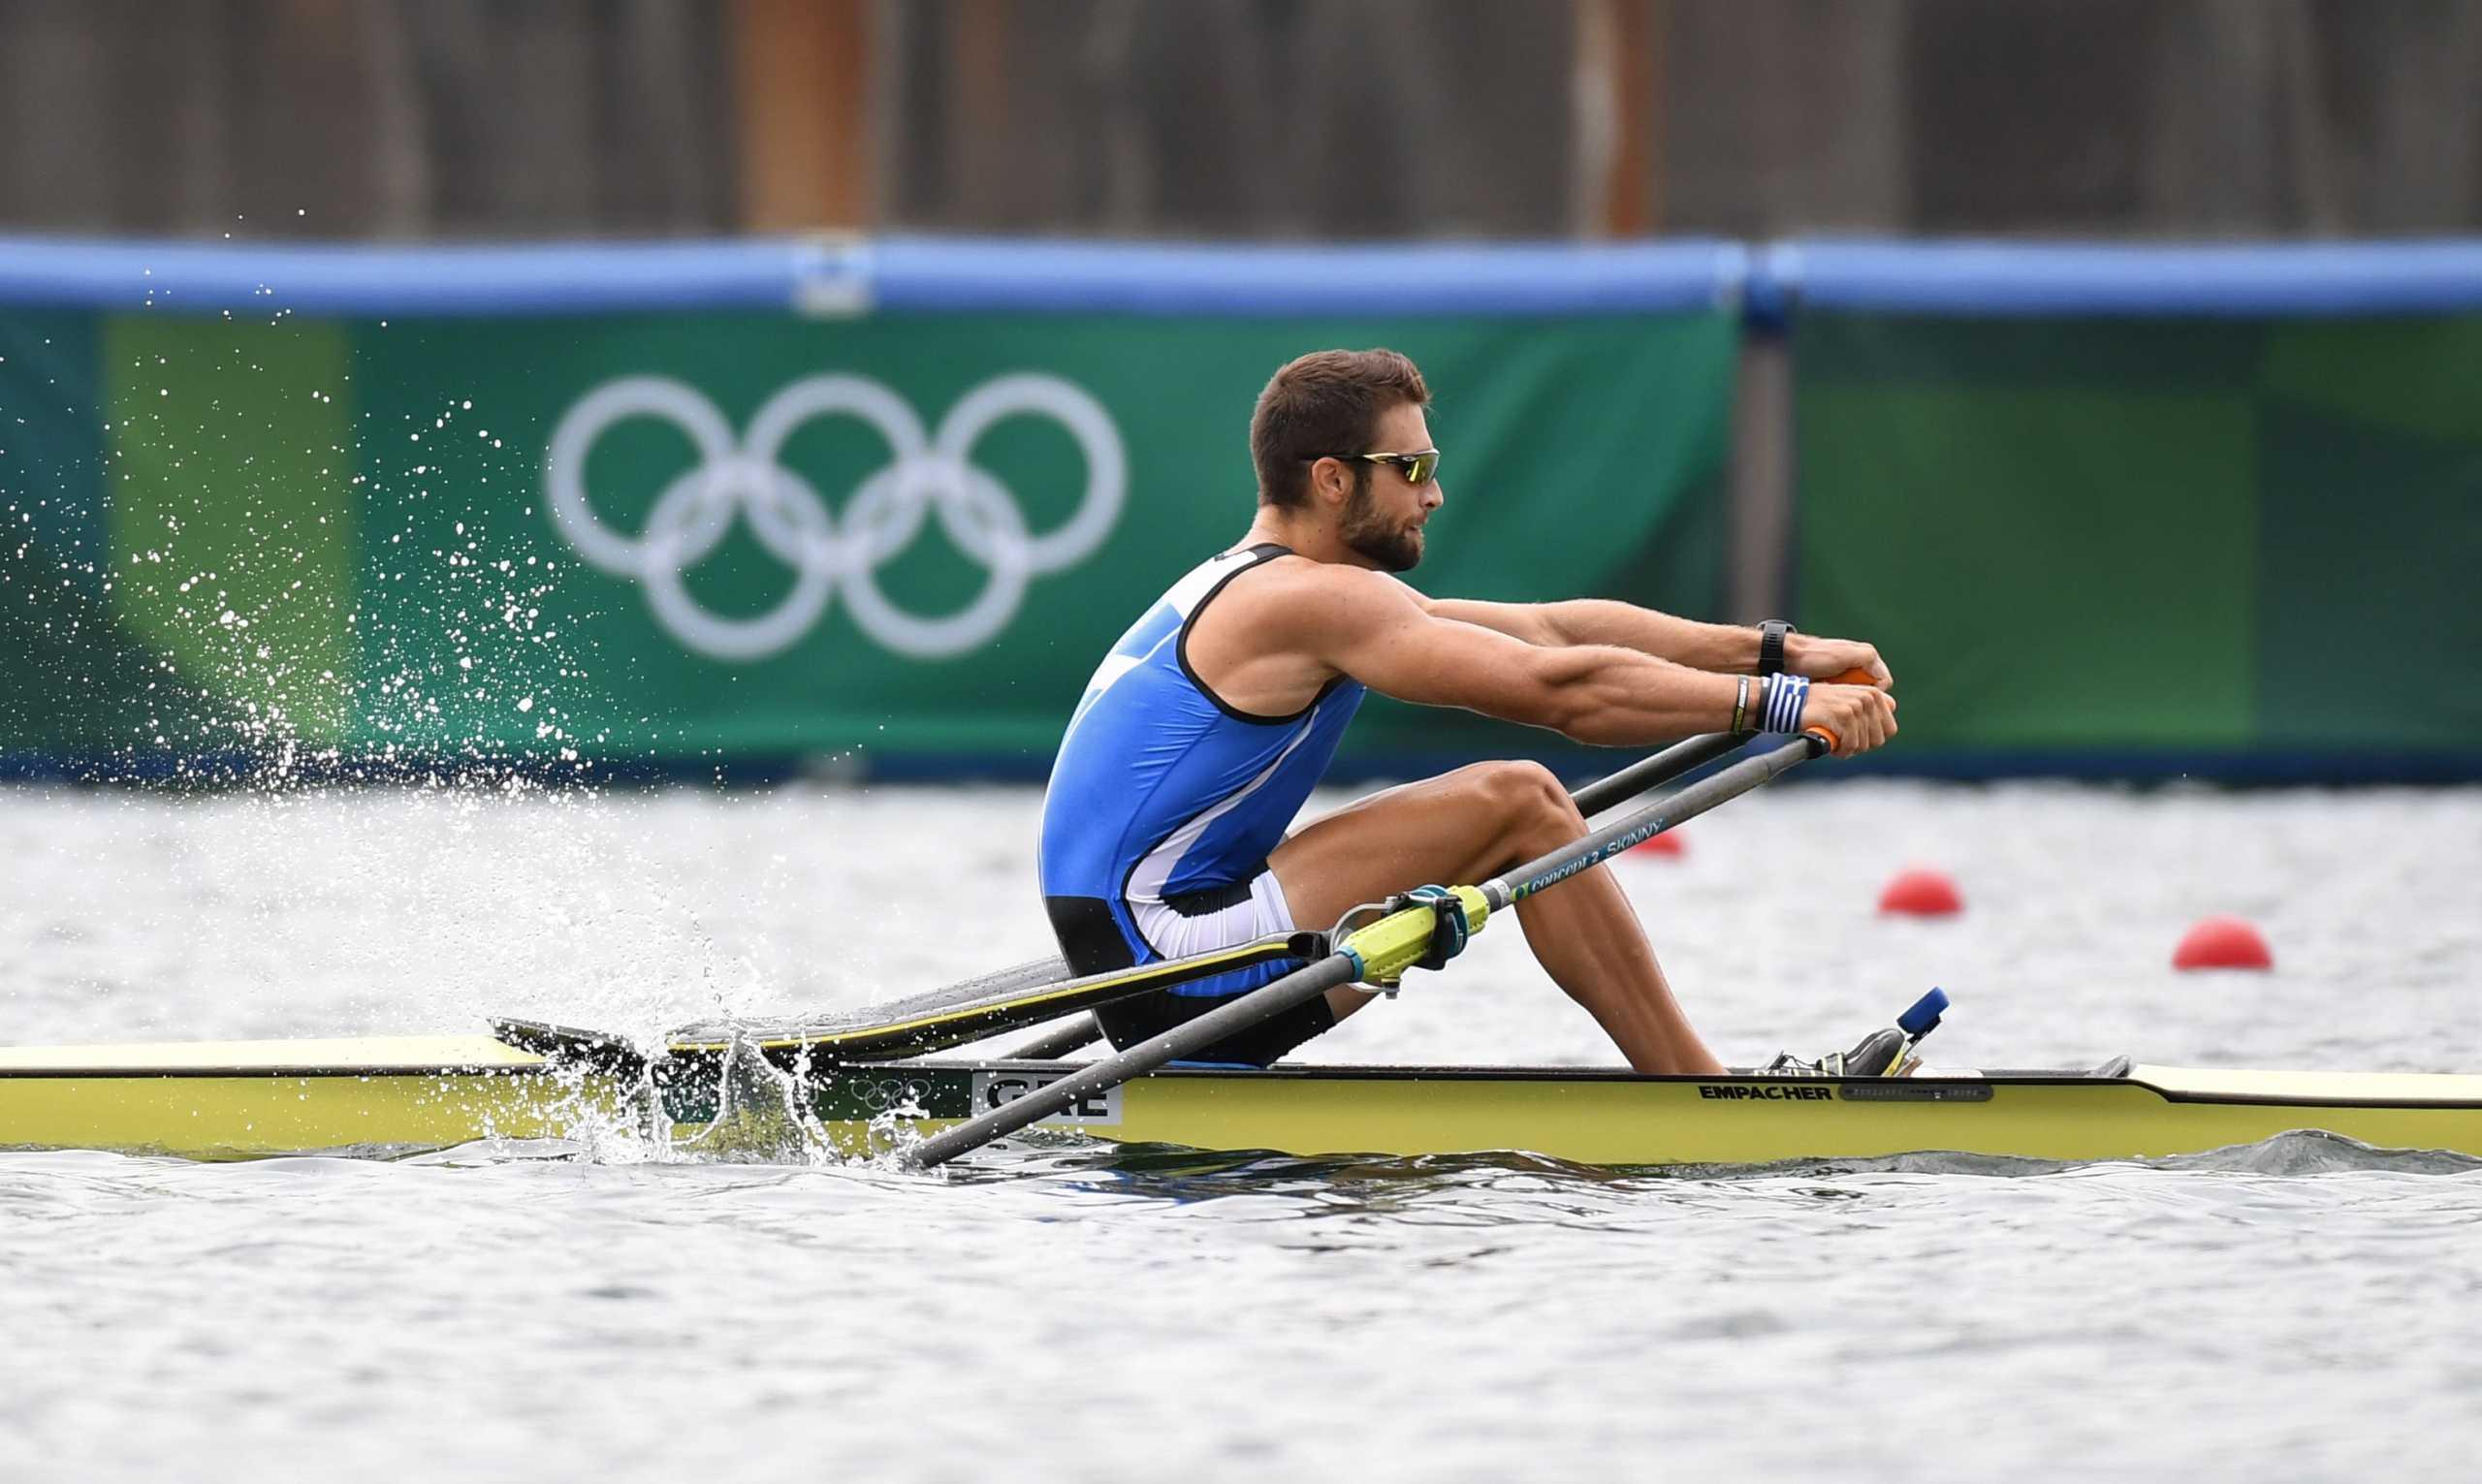 Χρυσός Ολυμπιονίκης Στέφανος Ντούσκος: «Στα τελευταία 500μ. έλεγα ότι δεν θα με δουν καν»